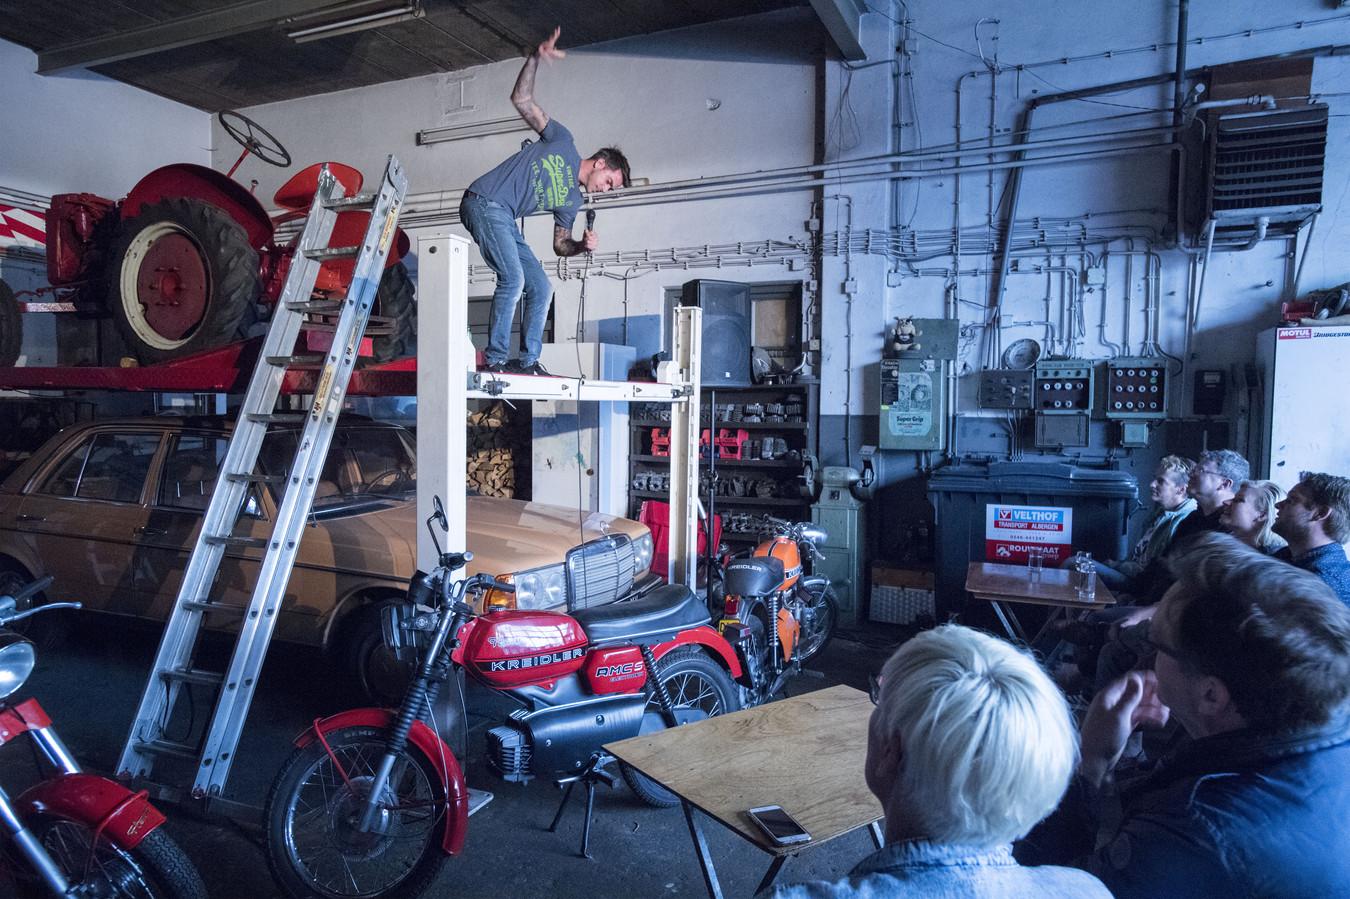 Cabaretier Emiel van der Logt treedt op in een oude tractorgarage, tijdens Comedy Express Albergen.